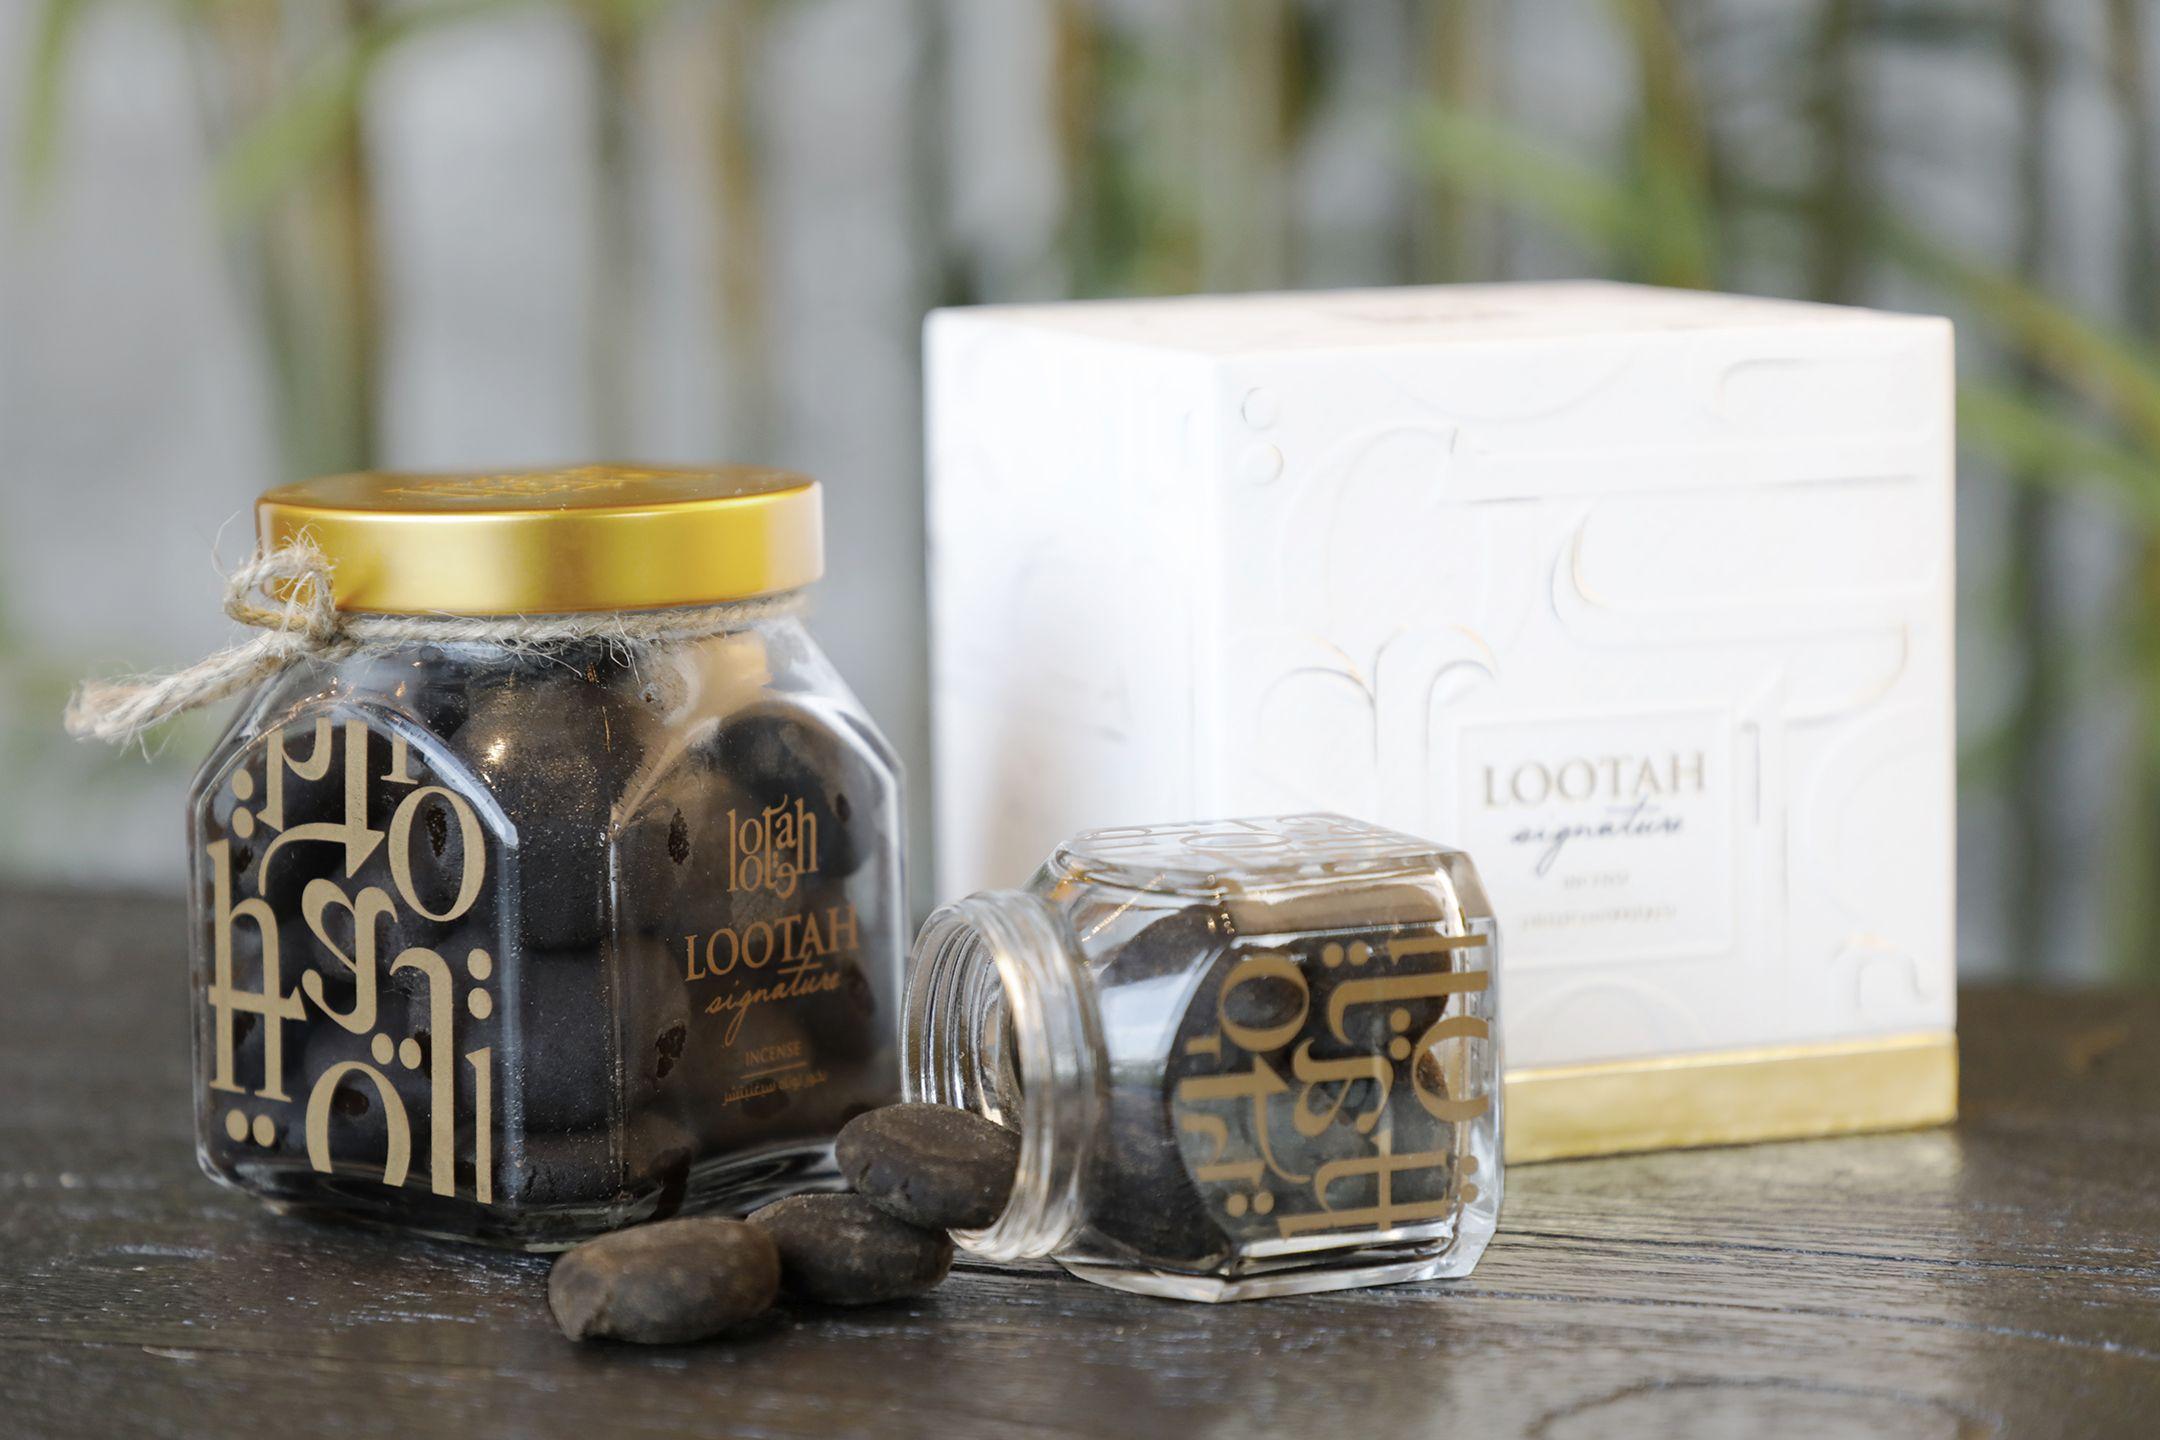 بإلهام من سحر الشرق والأناقة الفرنسية لوتاه سيغنتشر ينعش الأحاسيس ويثري الأوقات Inspired Fragrances Perfume Essential Oil Fragrance Fragrance Samples